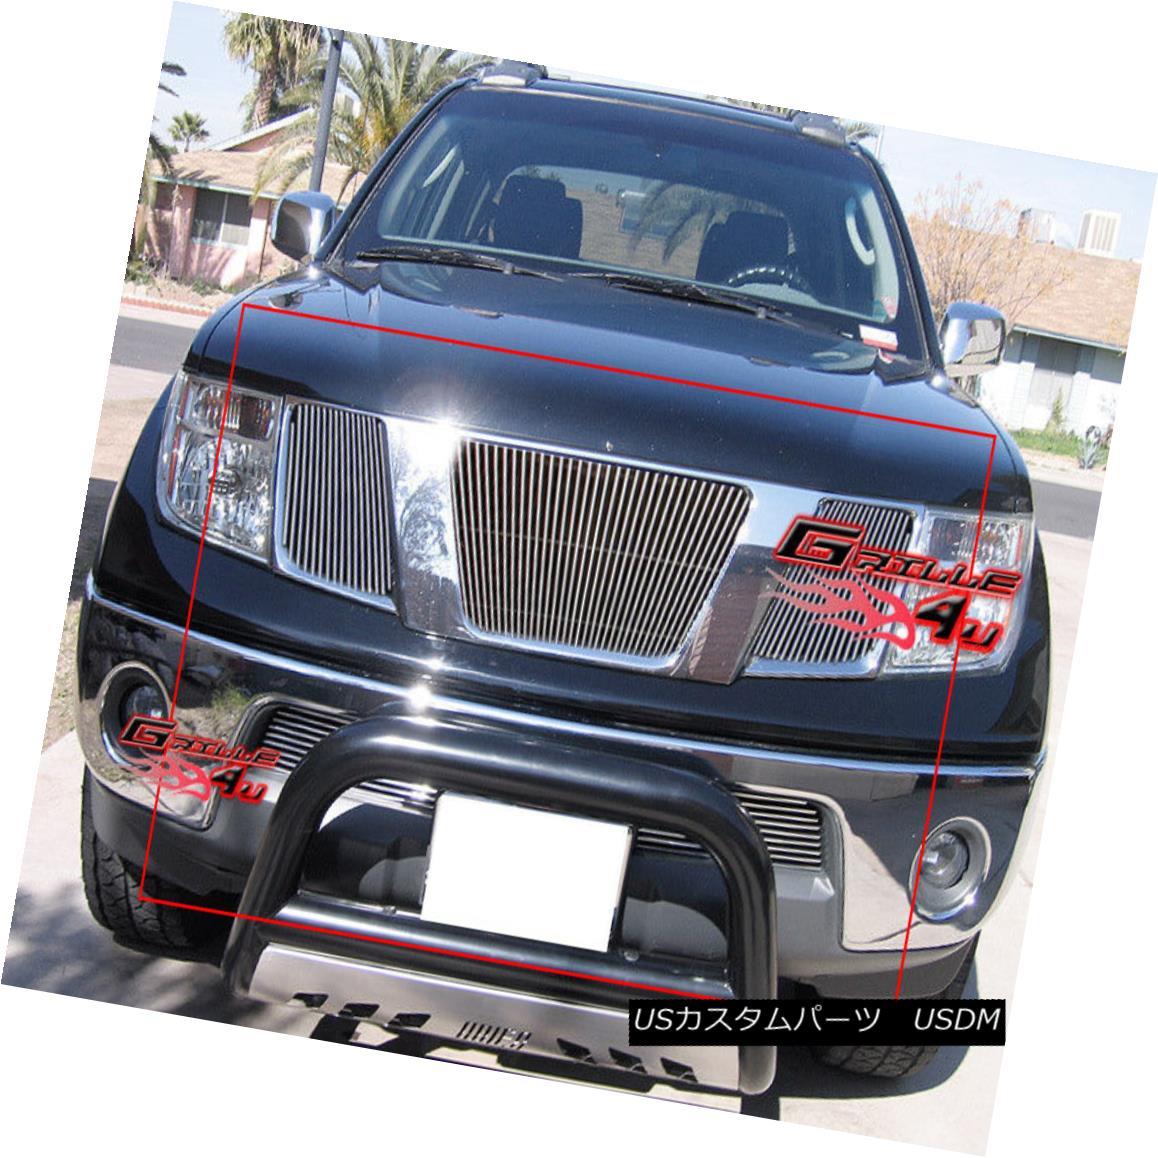 グリル Fits 05-07 Nissan Pathfinder/Frontier Billet Grille Combo フィット05-07 Nissan Pathfinder / Fro ntierビレットグリルコンボ